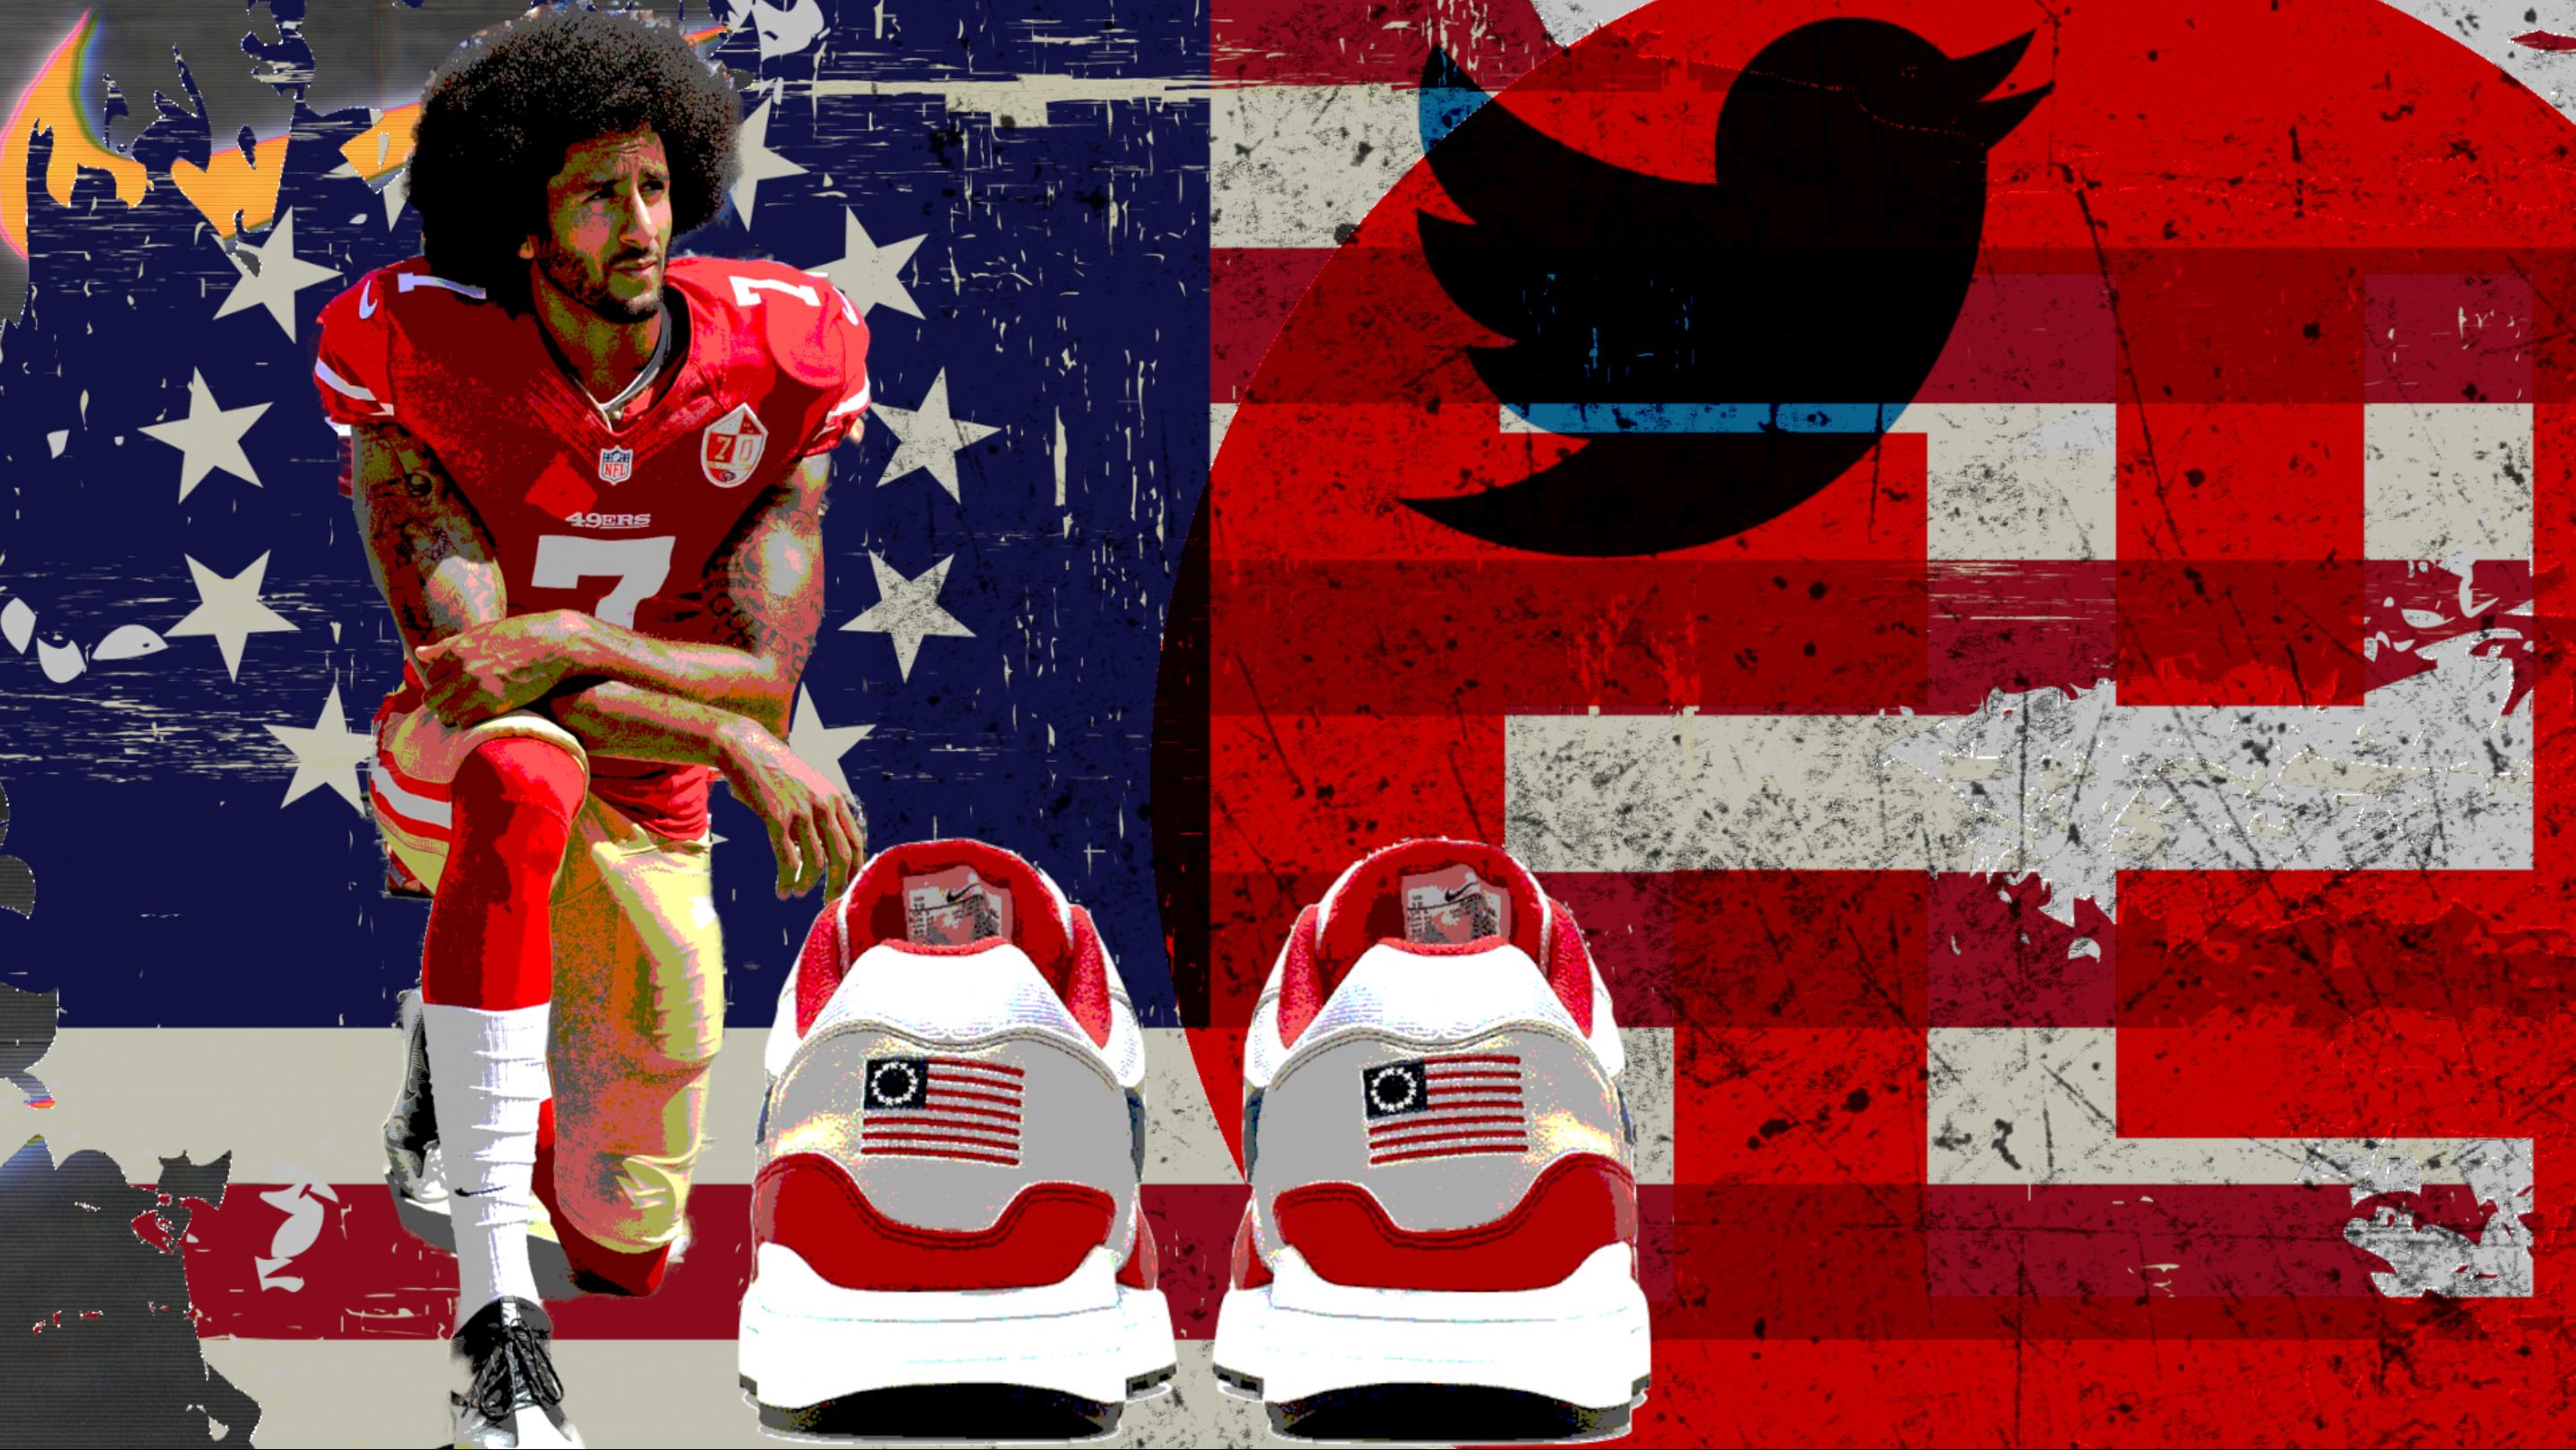 brand new a96f3 20b5d Brennan: Nike-Kaepernick shoe debacle a learning lesson